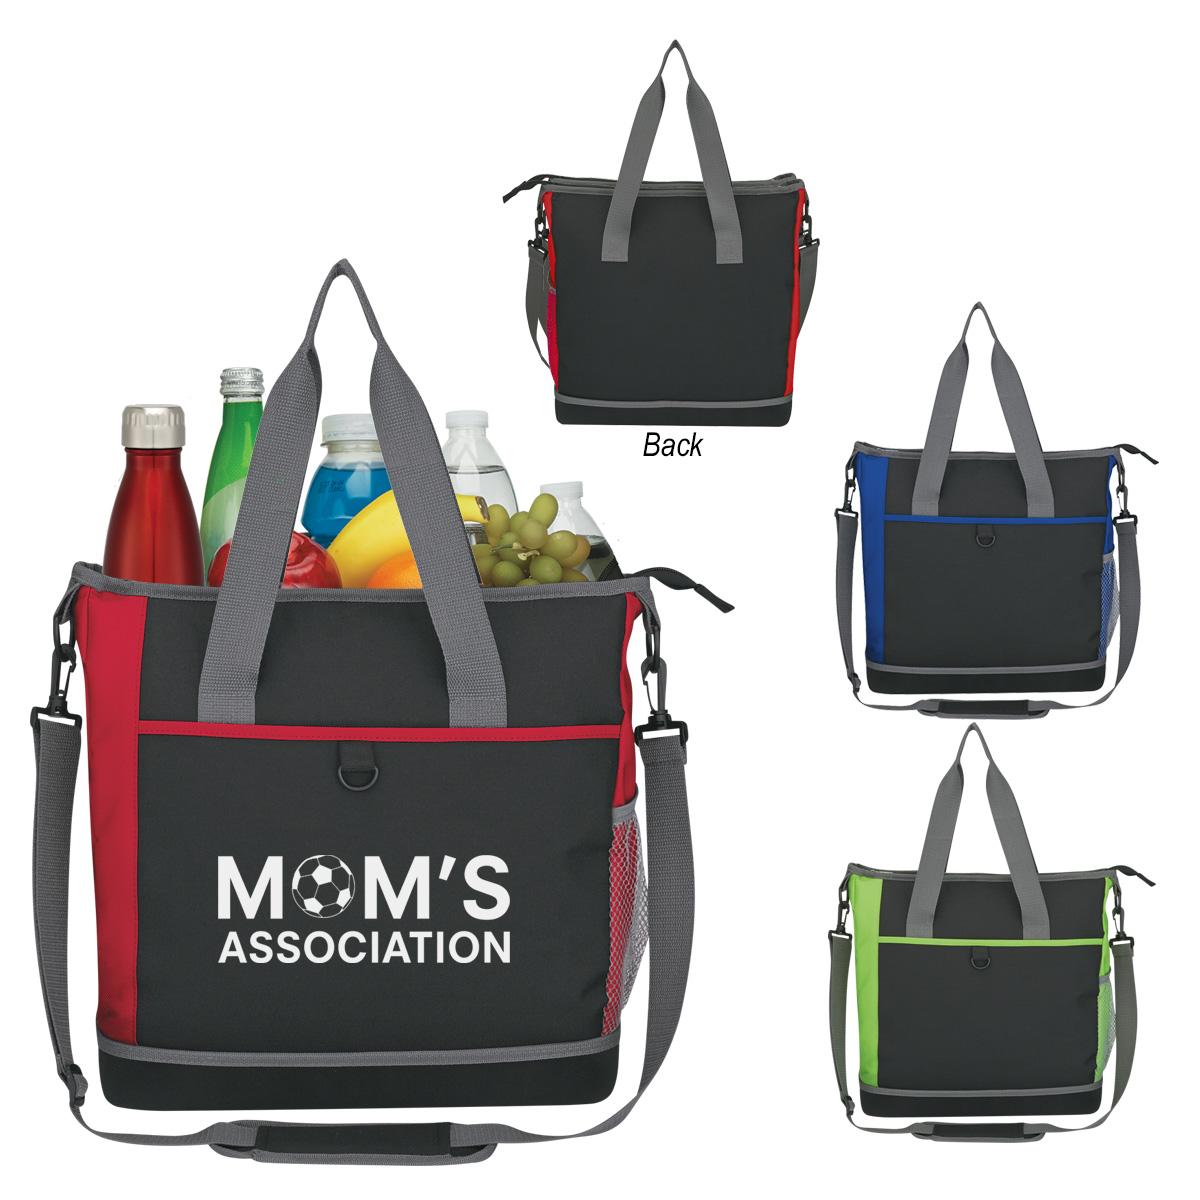 #CM 3566 Hard-Bottom Shopping Kooler Tote Bag